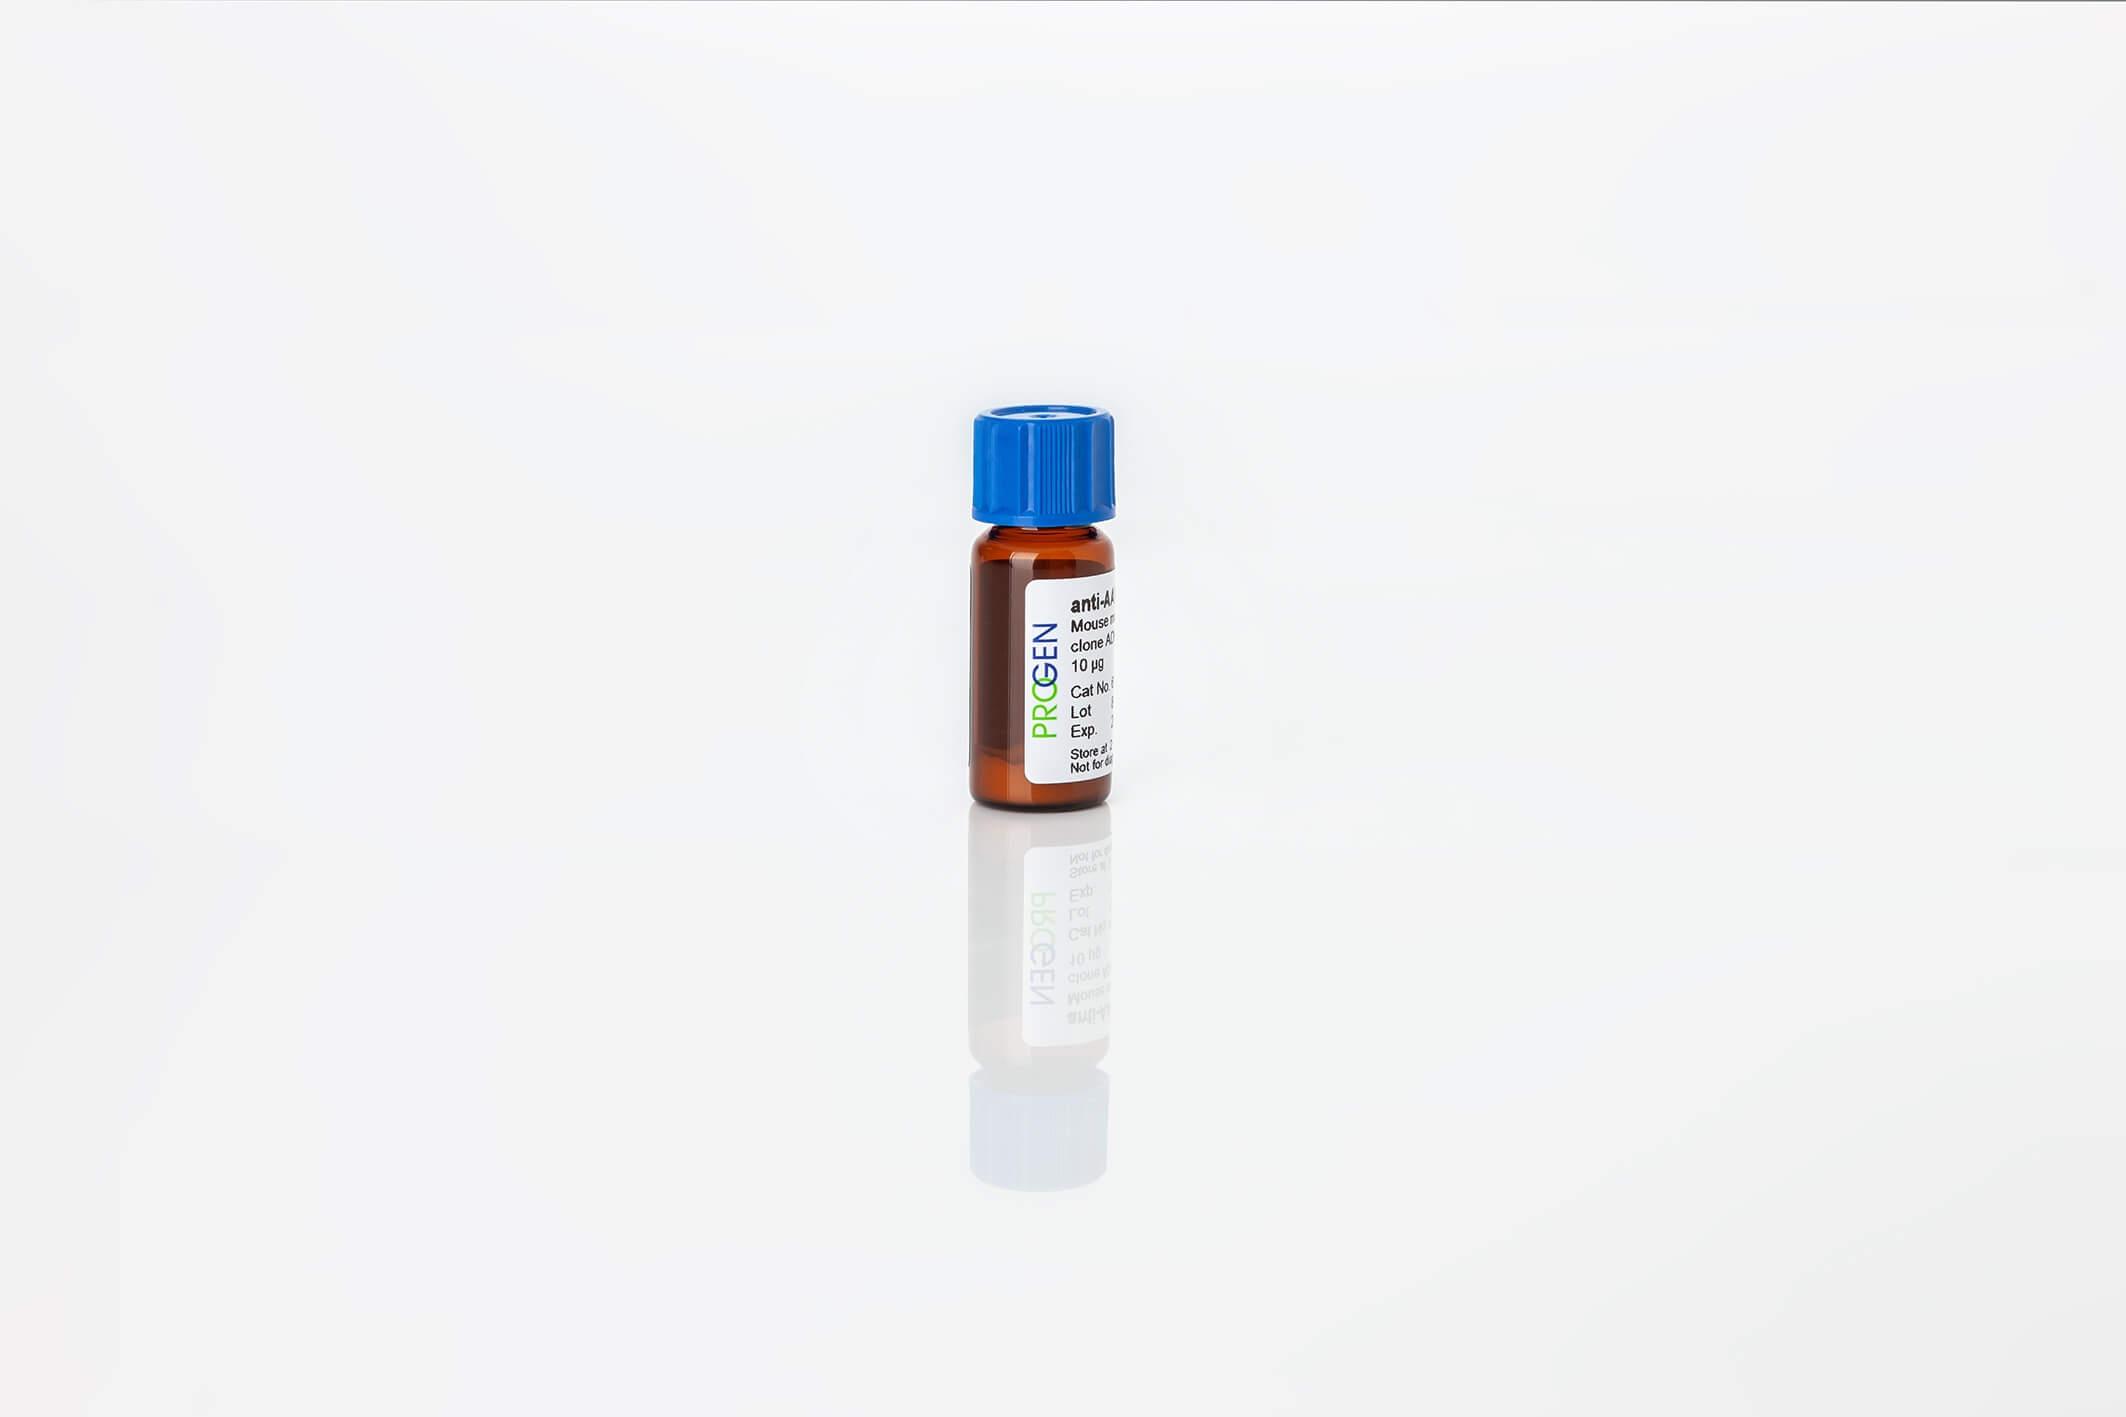 anti-EP-CAM mouse monoclonal, VU-1D9, ascites fluid